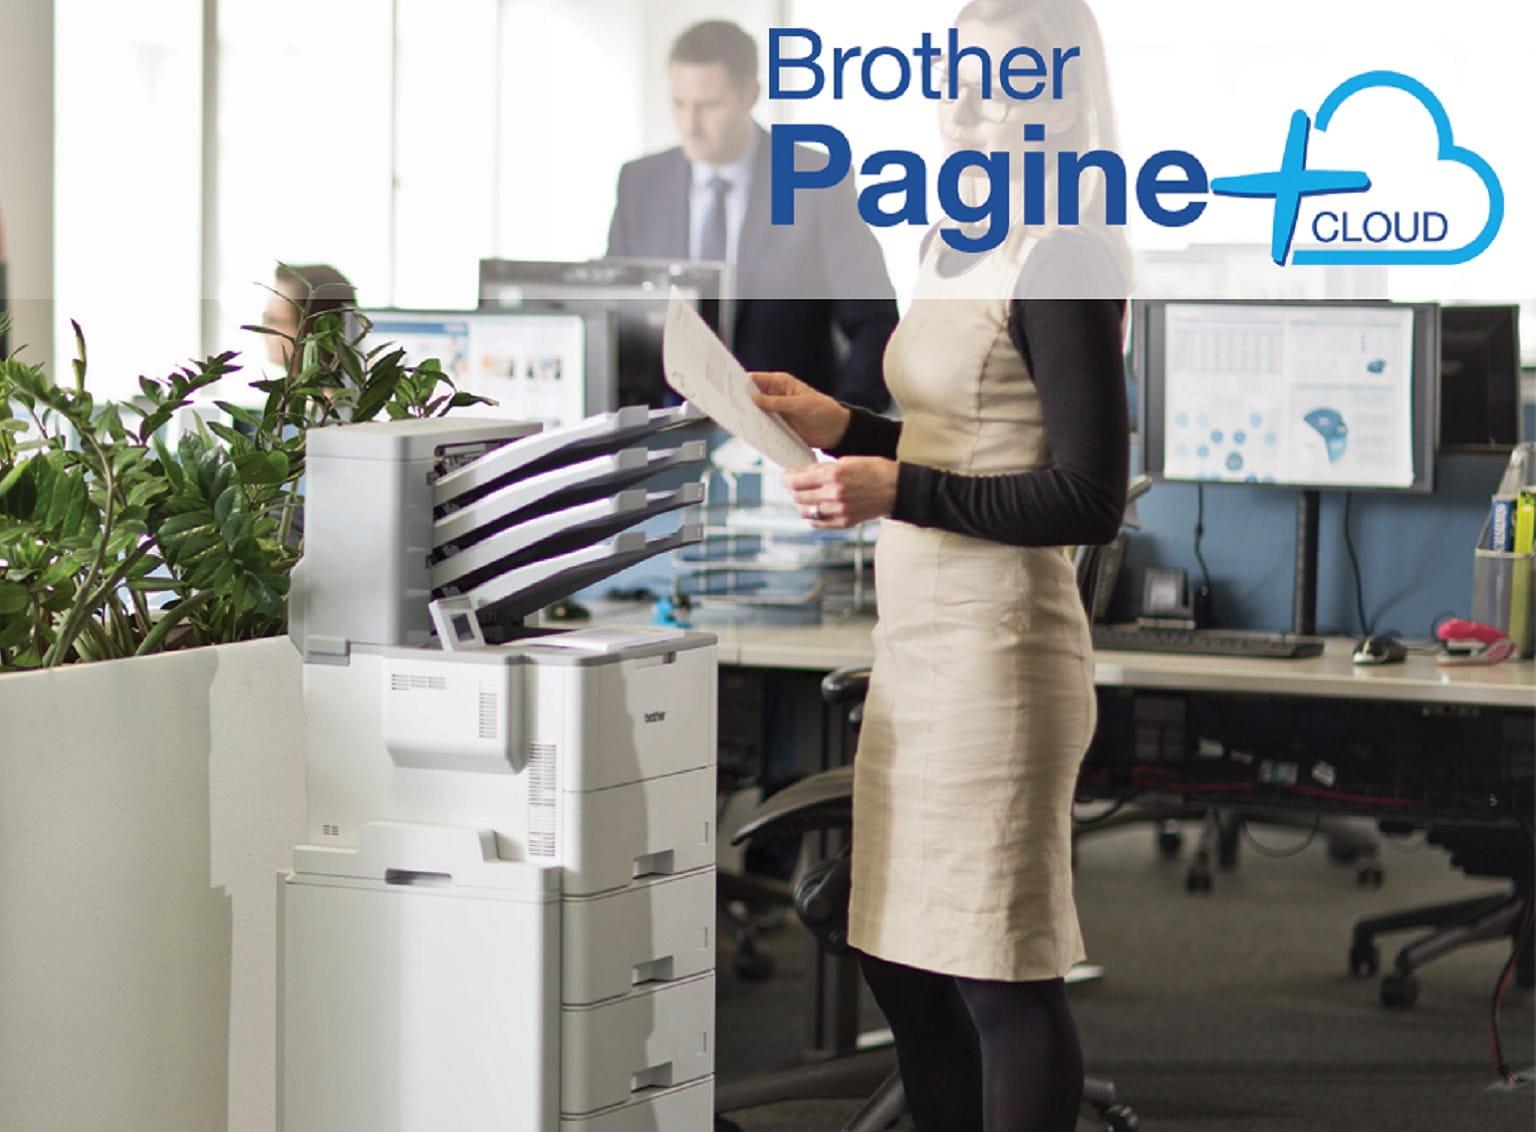 Stampante laser mono Brother HL-L6400DWT in ufficio con logo del servizio MPS Pagine+ Cloud